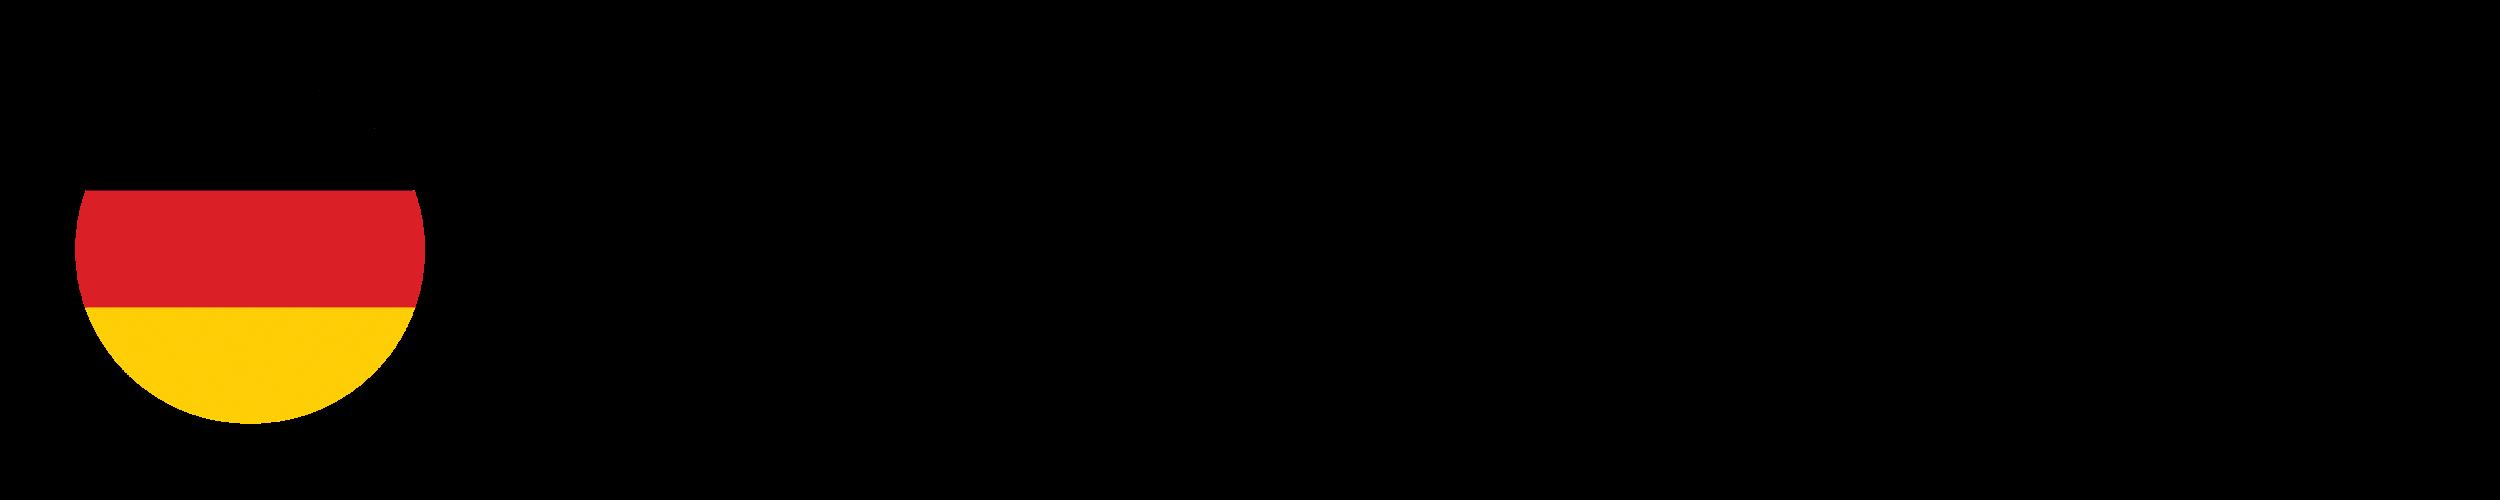 language-flag-deutsch.png